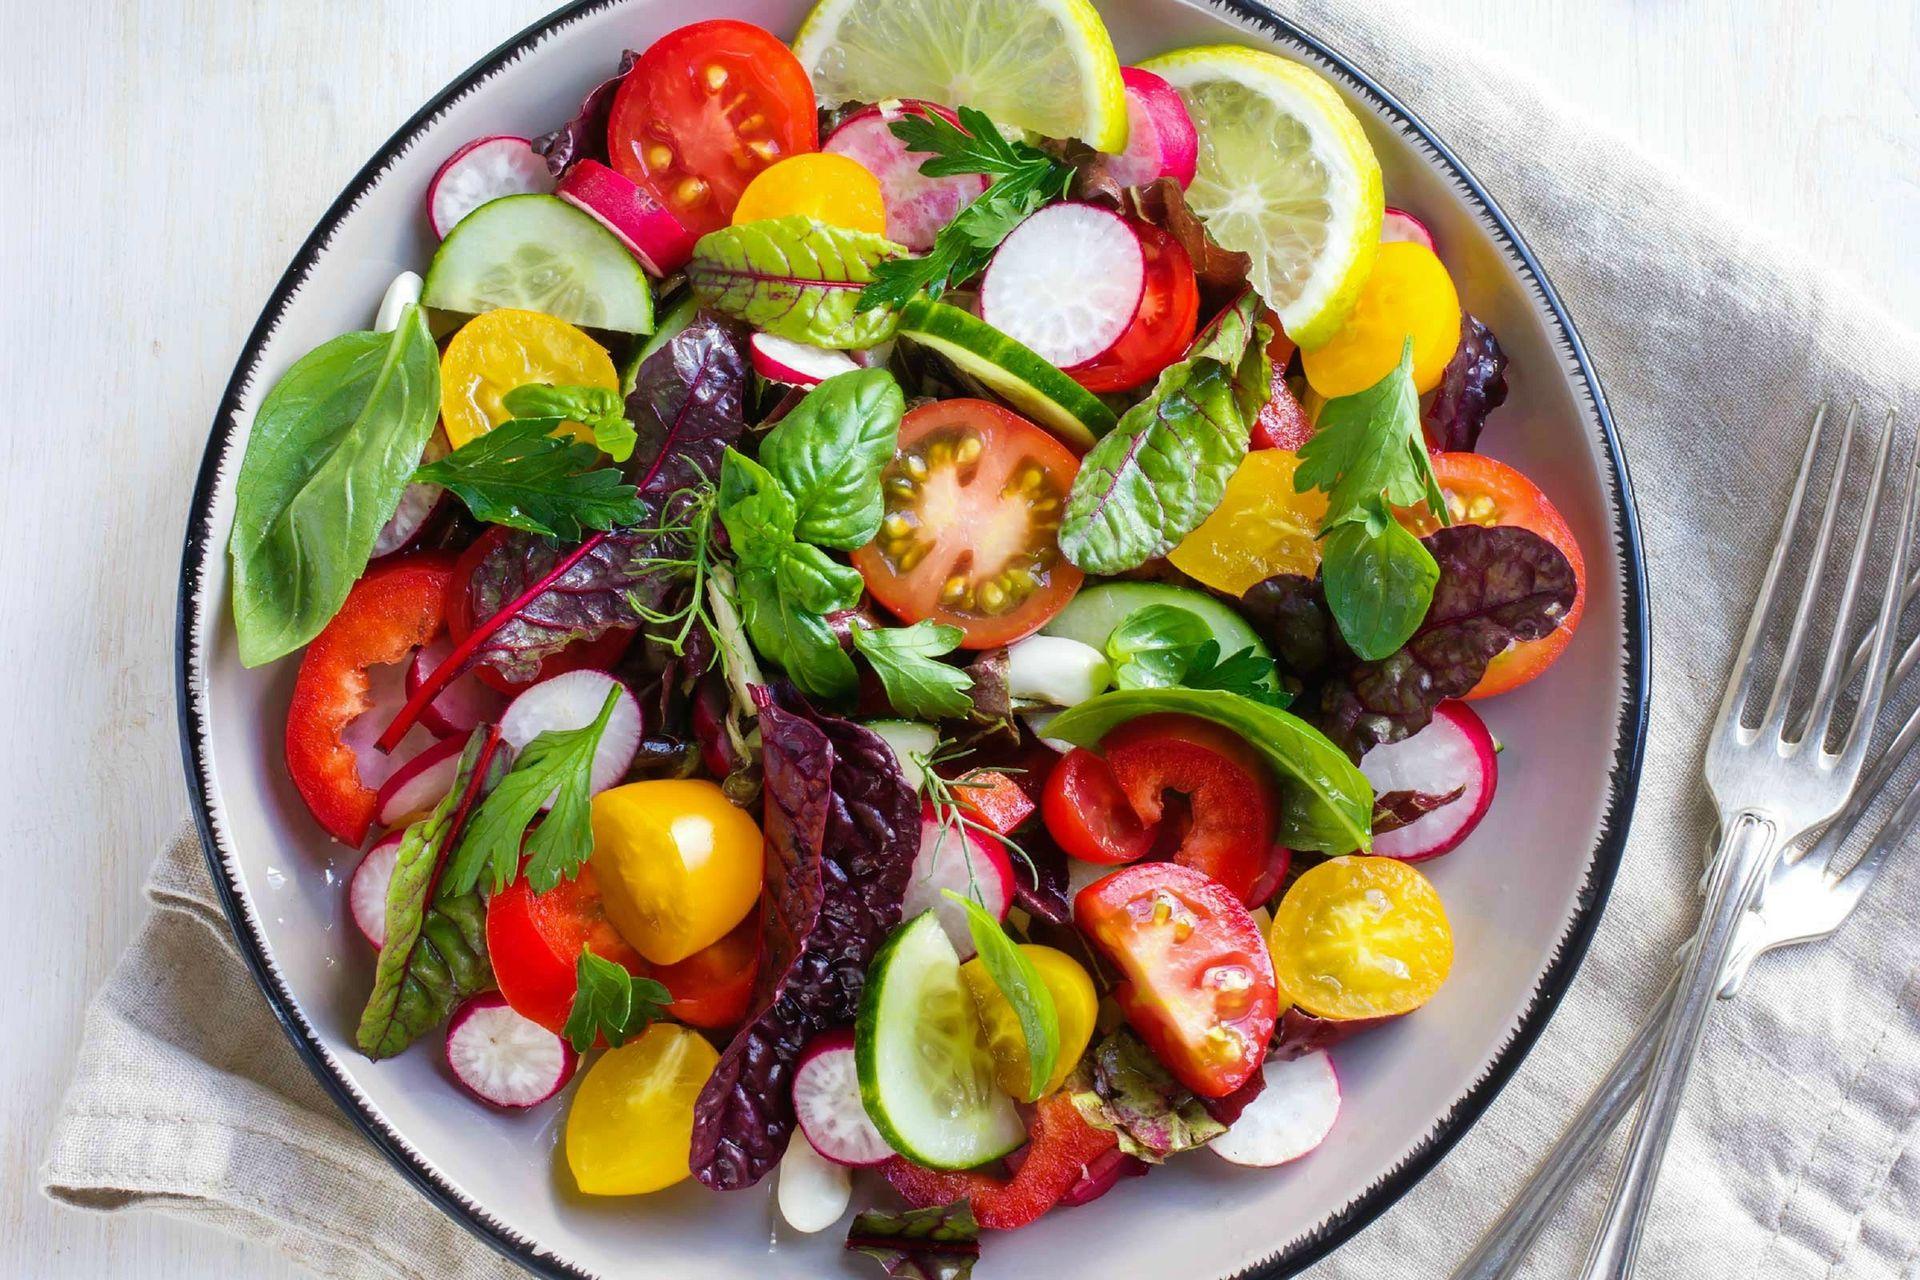 11-vegan-diet-nutrient-deficiencies-fitness